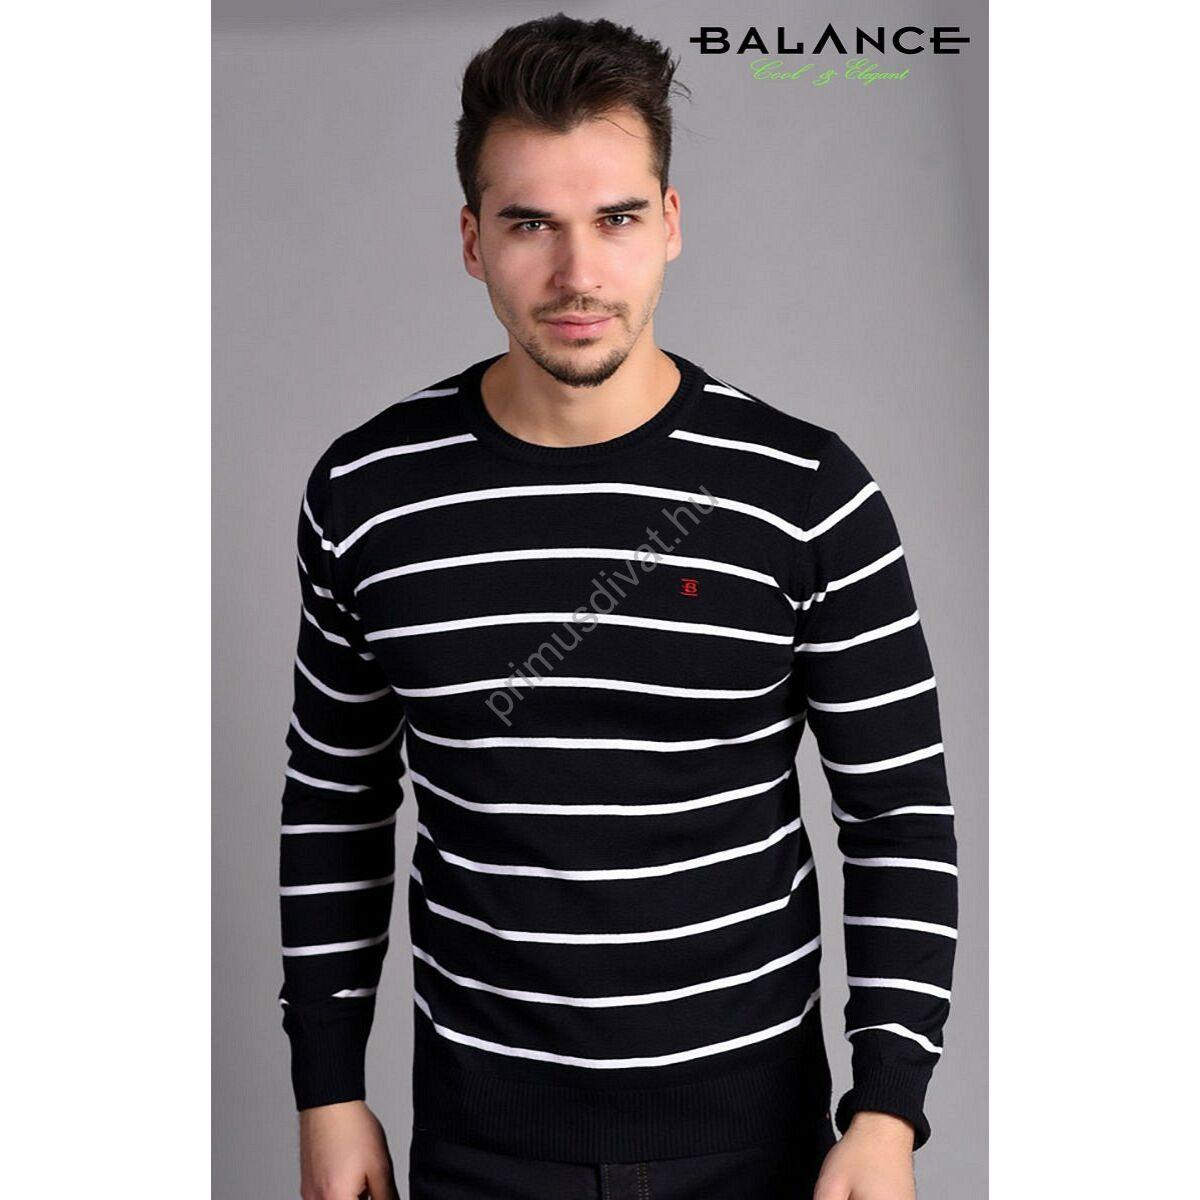 f109125d37 Kép 1/2 - Balance környakas fehér csíkos sötétkék vékony kötött pamut  pulóver